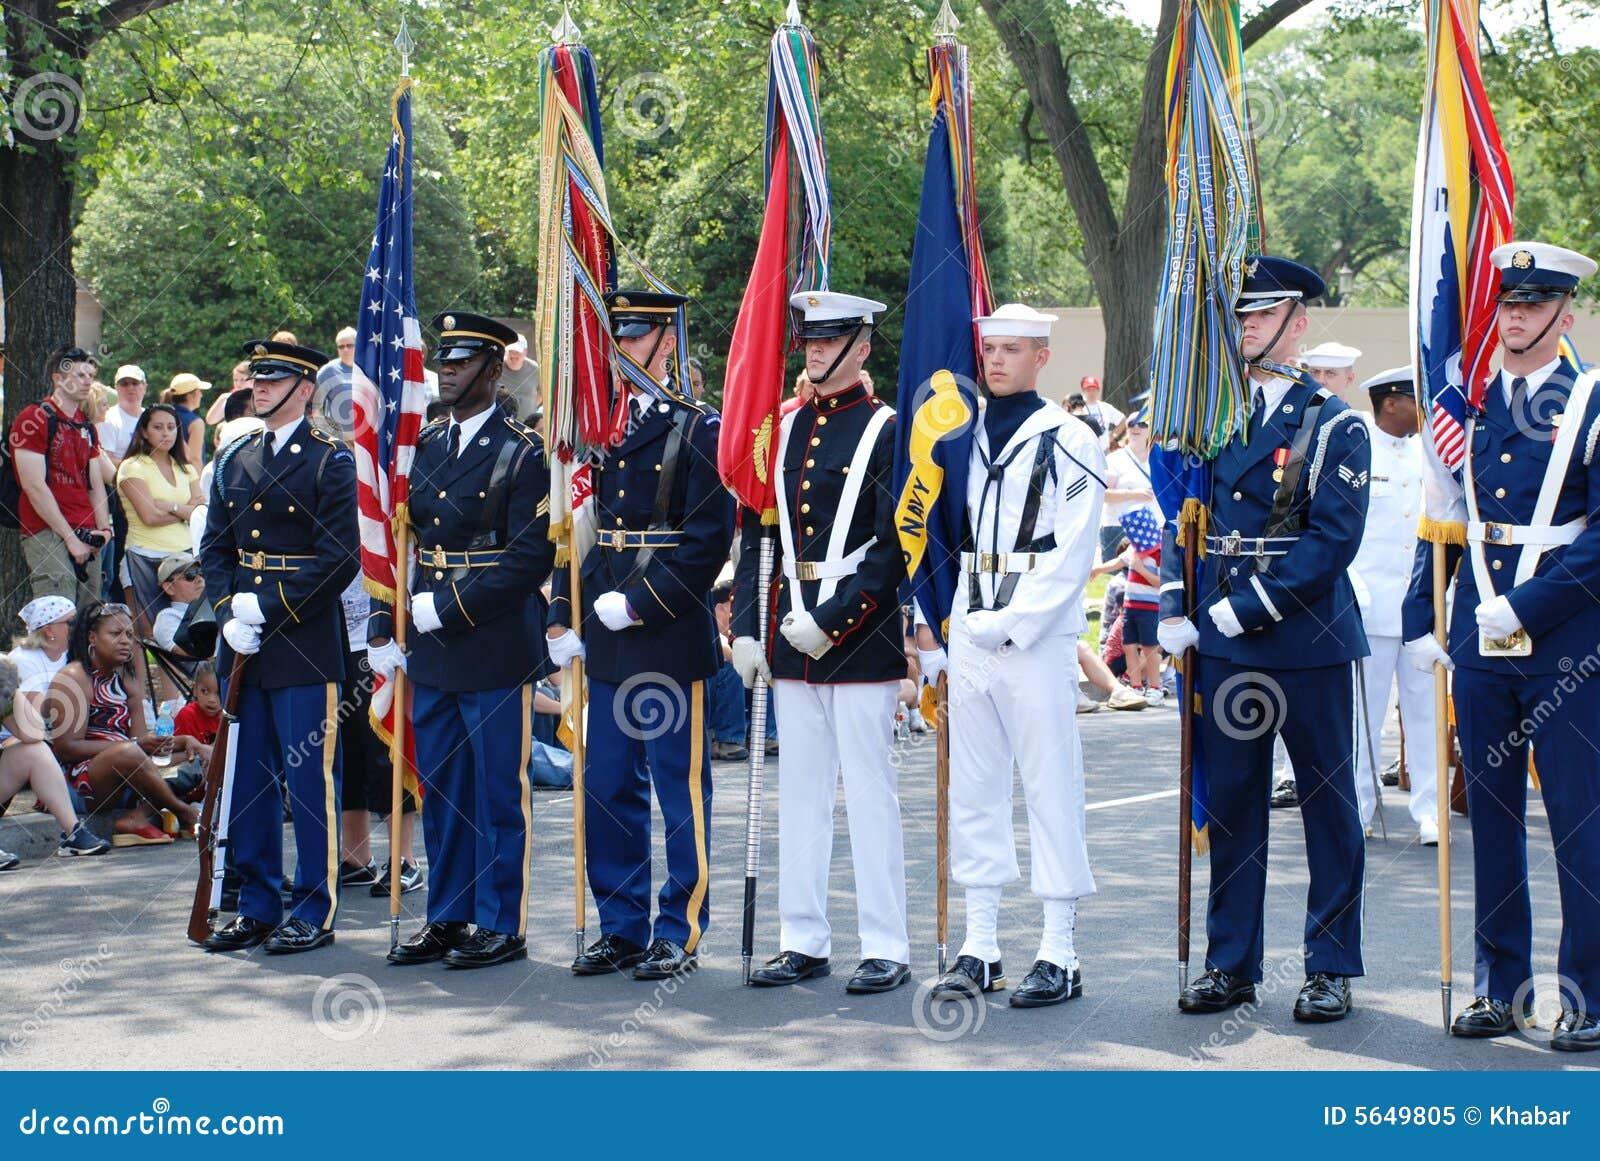 Americaâs una parata di 2008 feste dell indipendenza.